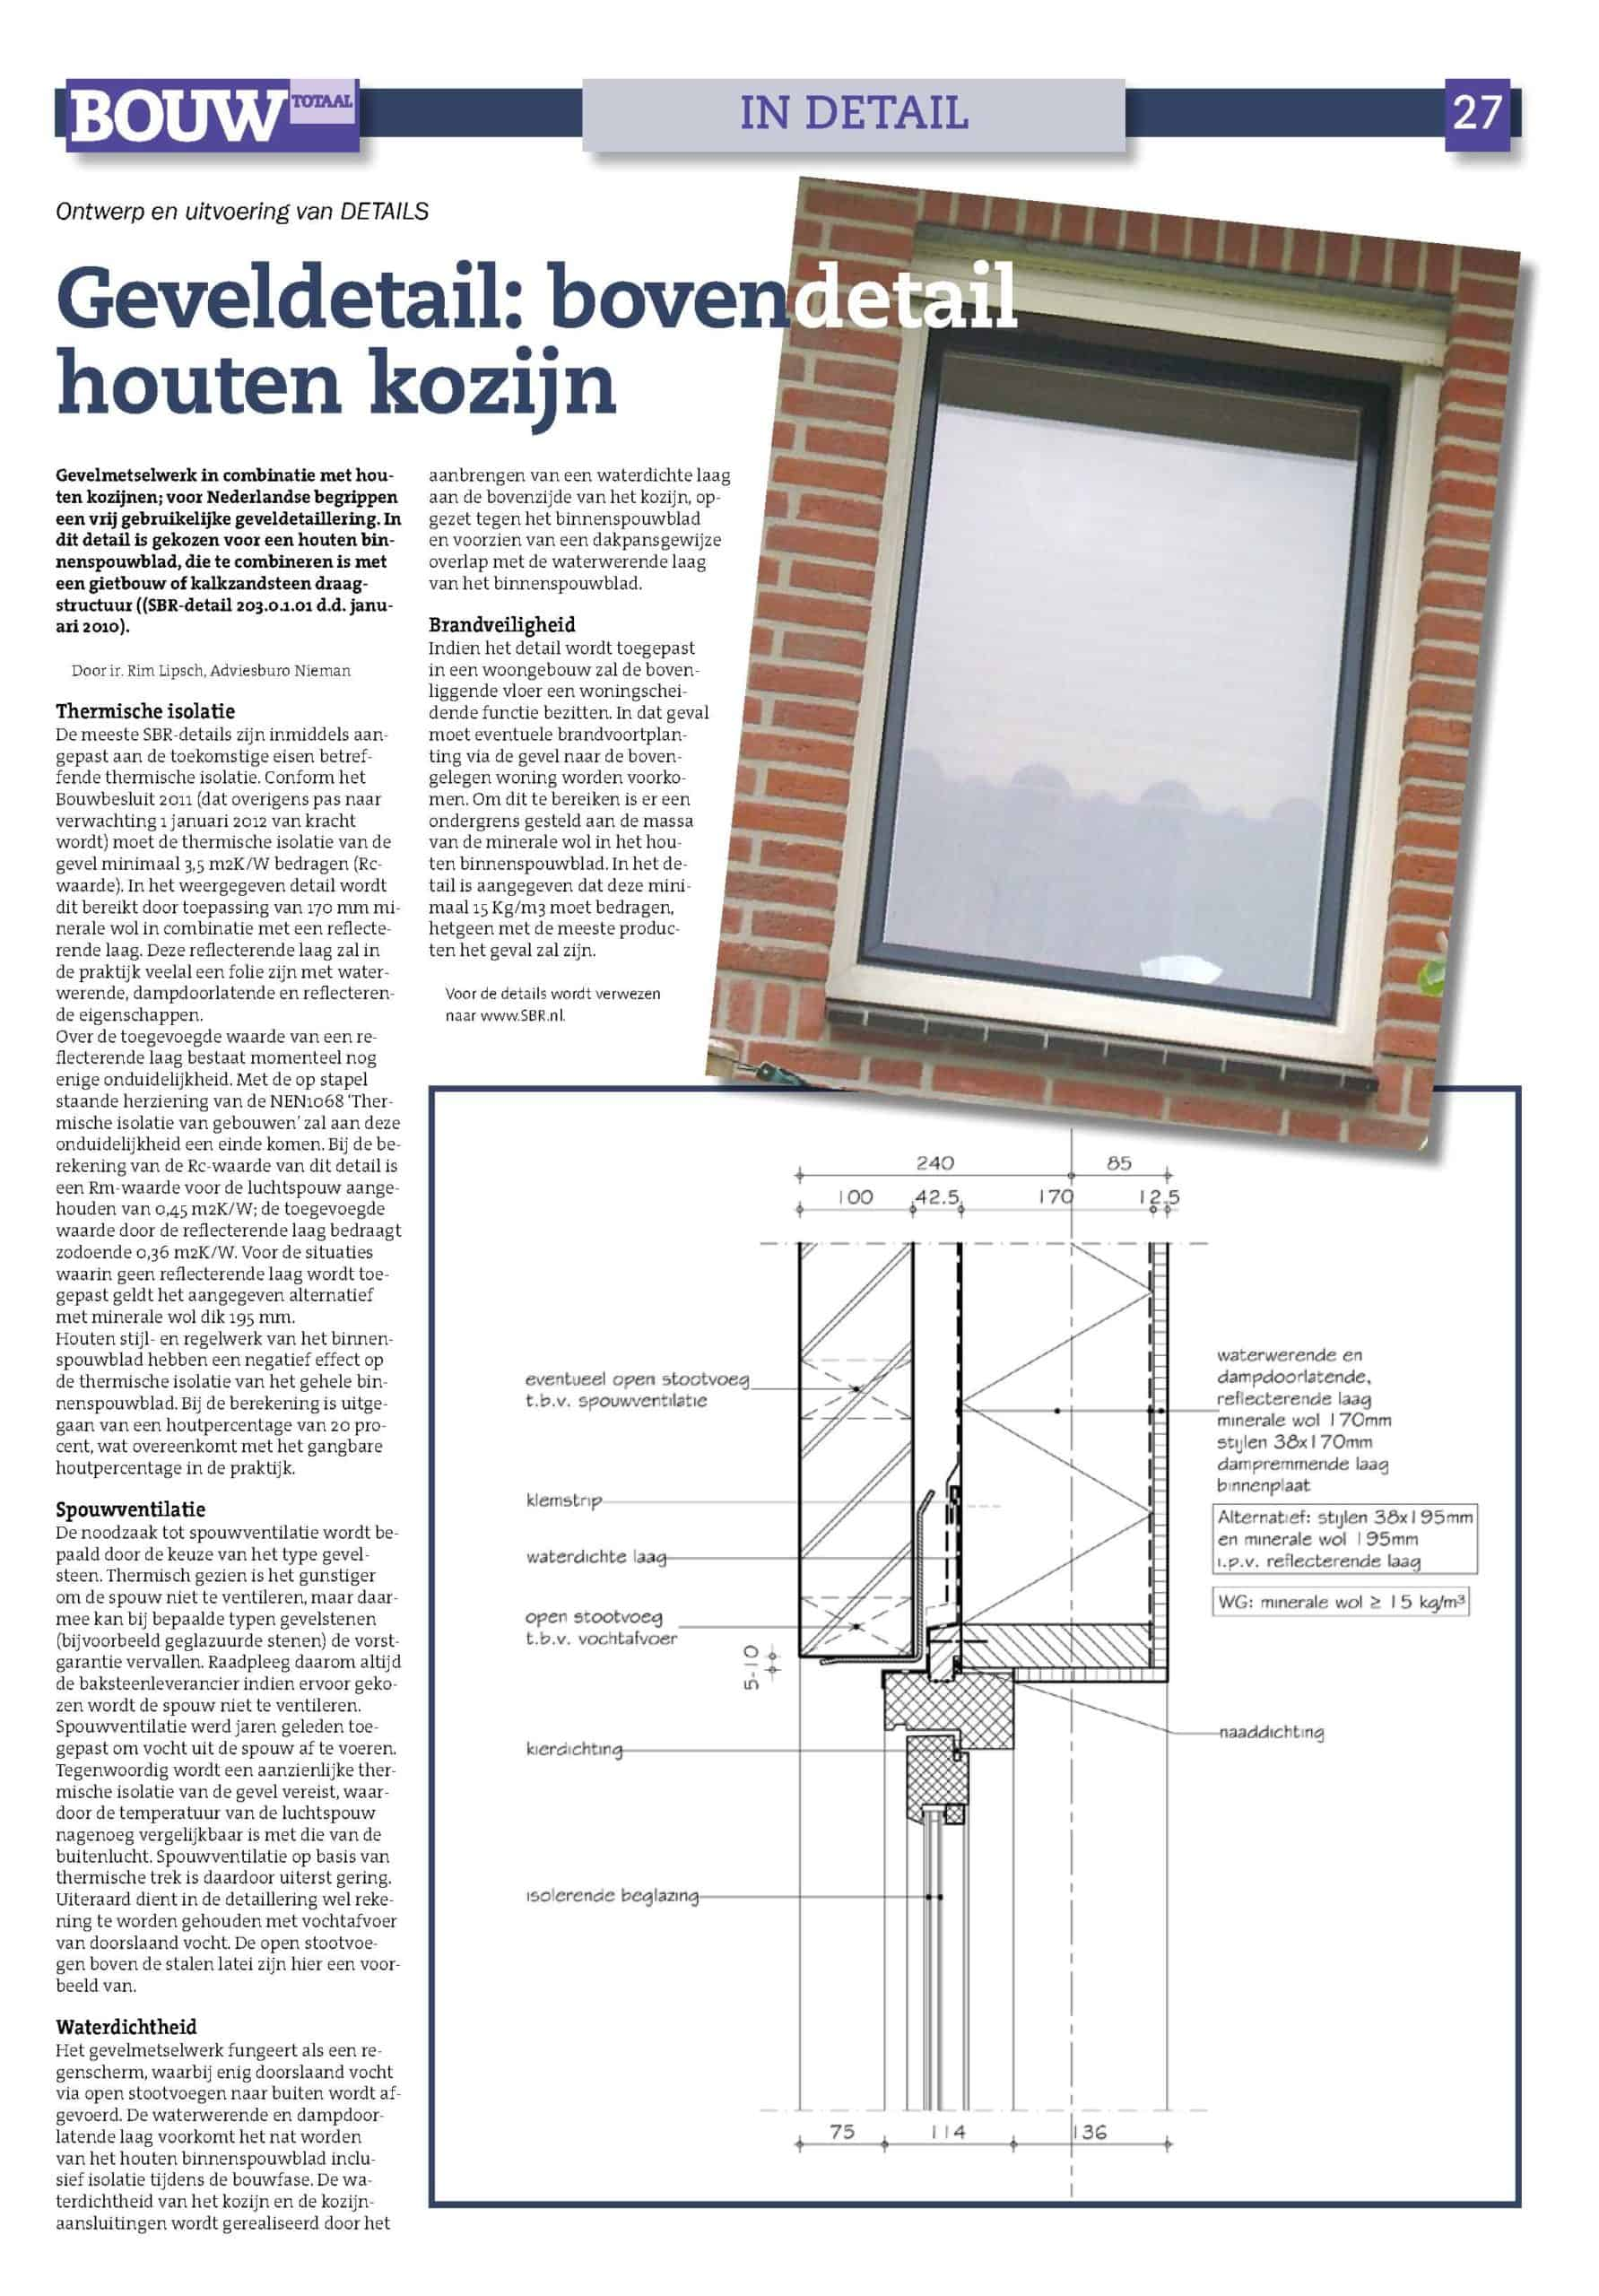 Bouwtotaal_BT.10.10.Detail_Geveldetail-bovendetail-houten-kozijn_RLi-3-scaled